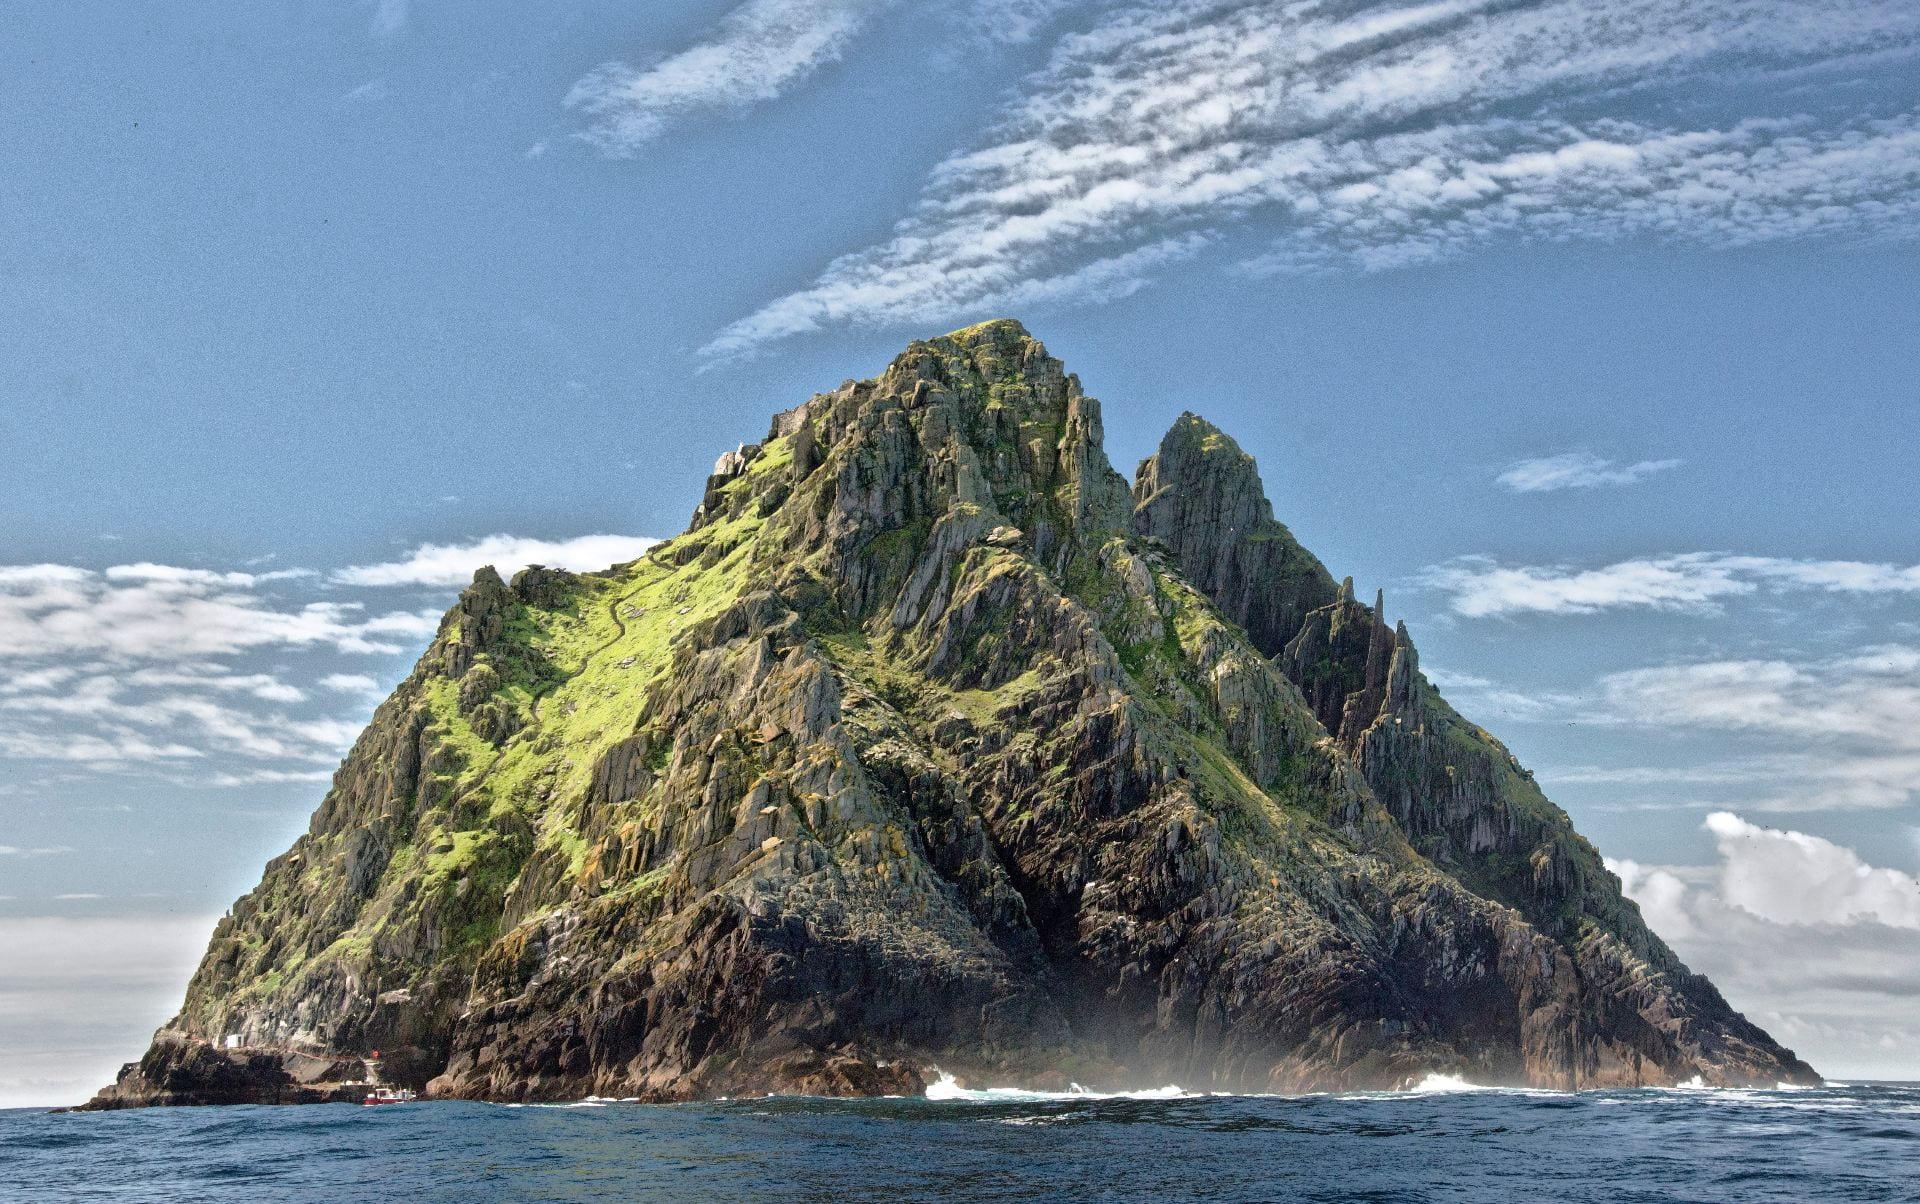 Vast, green mountainous island.